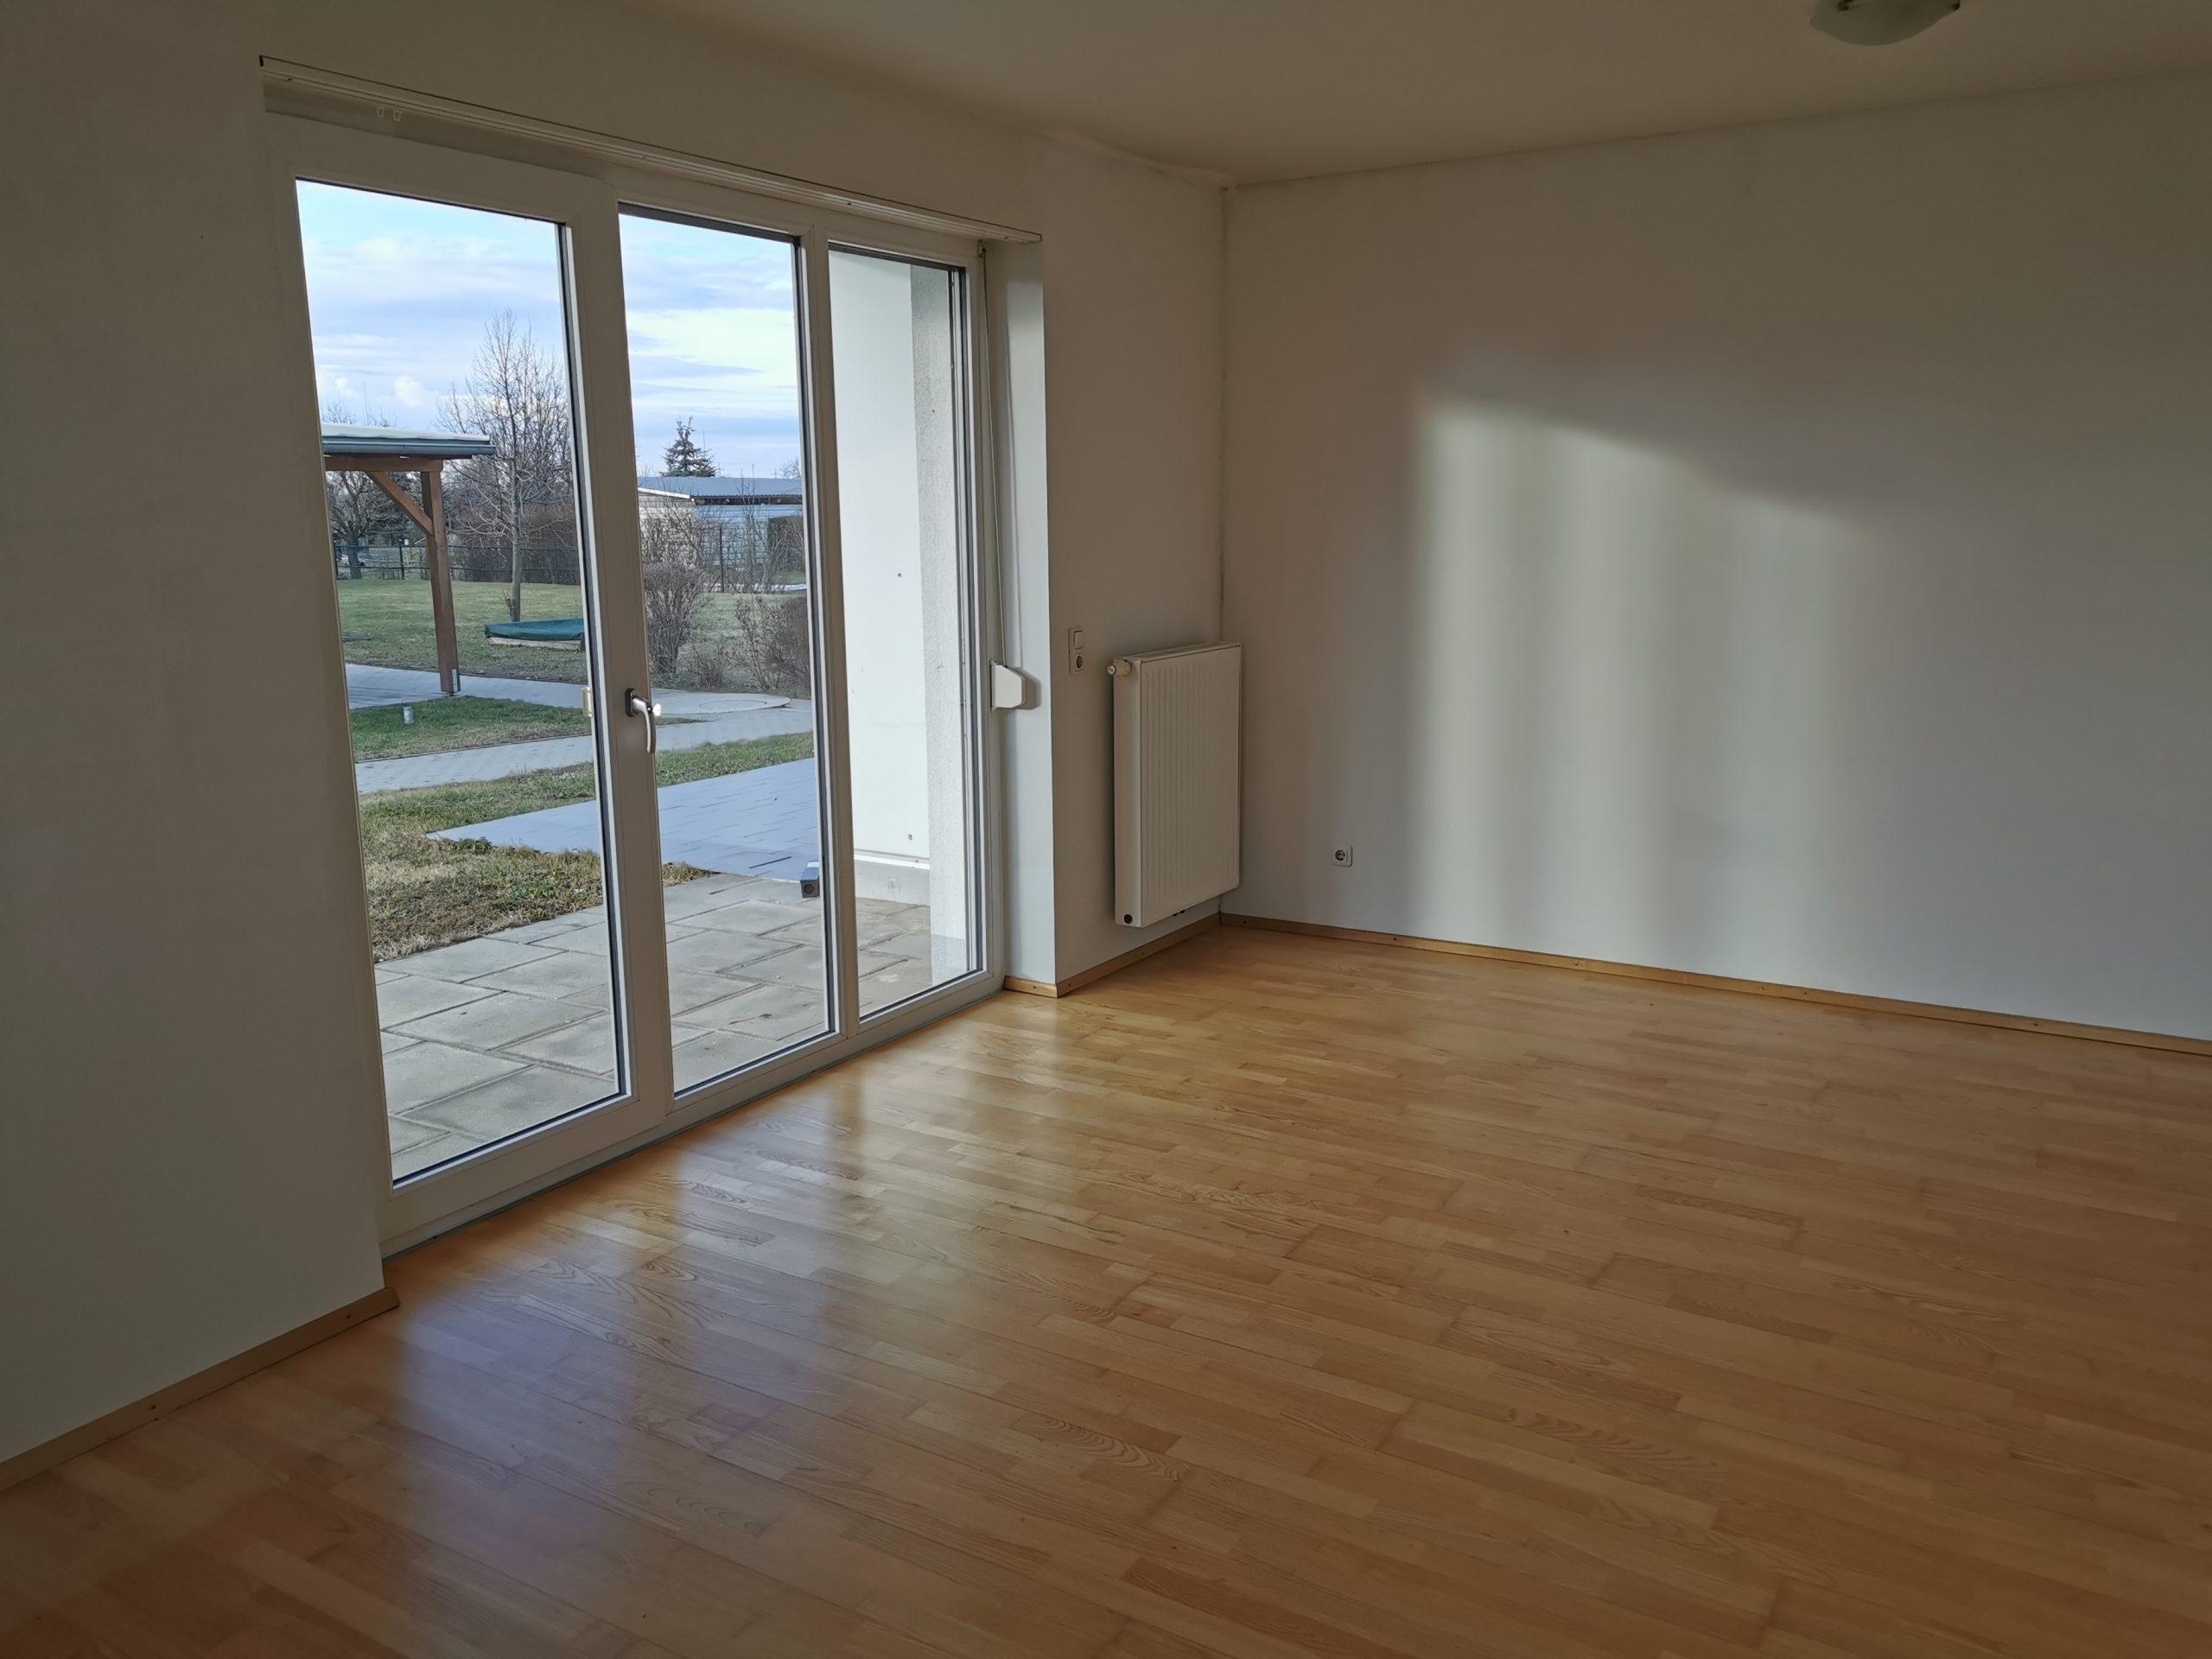 Immobilie von Kamptal in 2064 Wulzeshofen, Mistelbach, Wulzeshofen I/1 - Top 103 #0